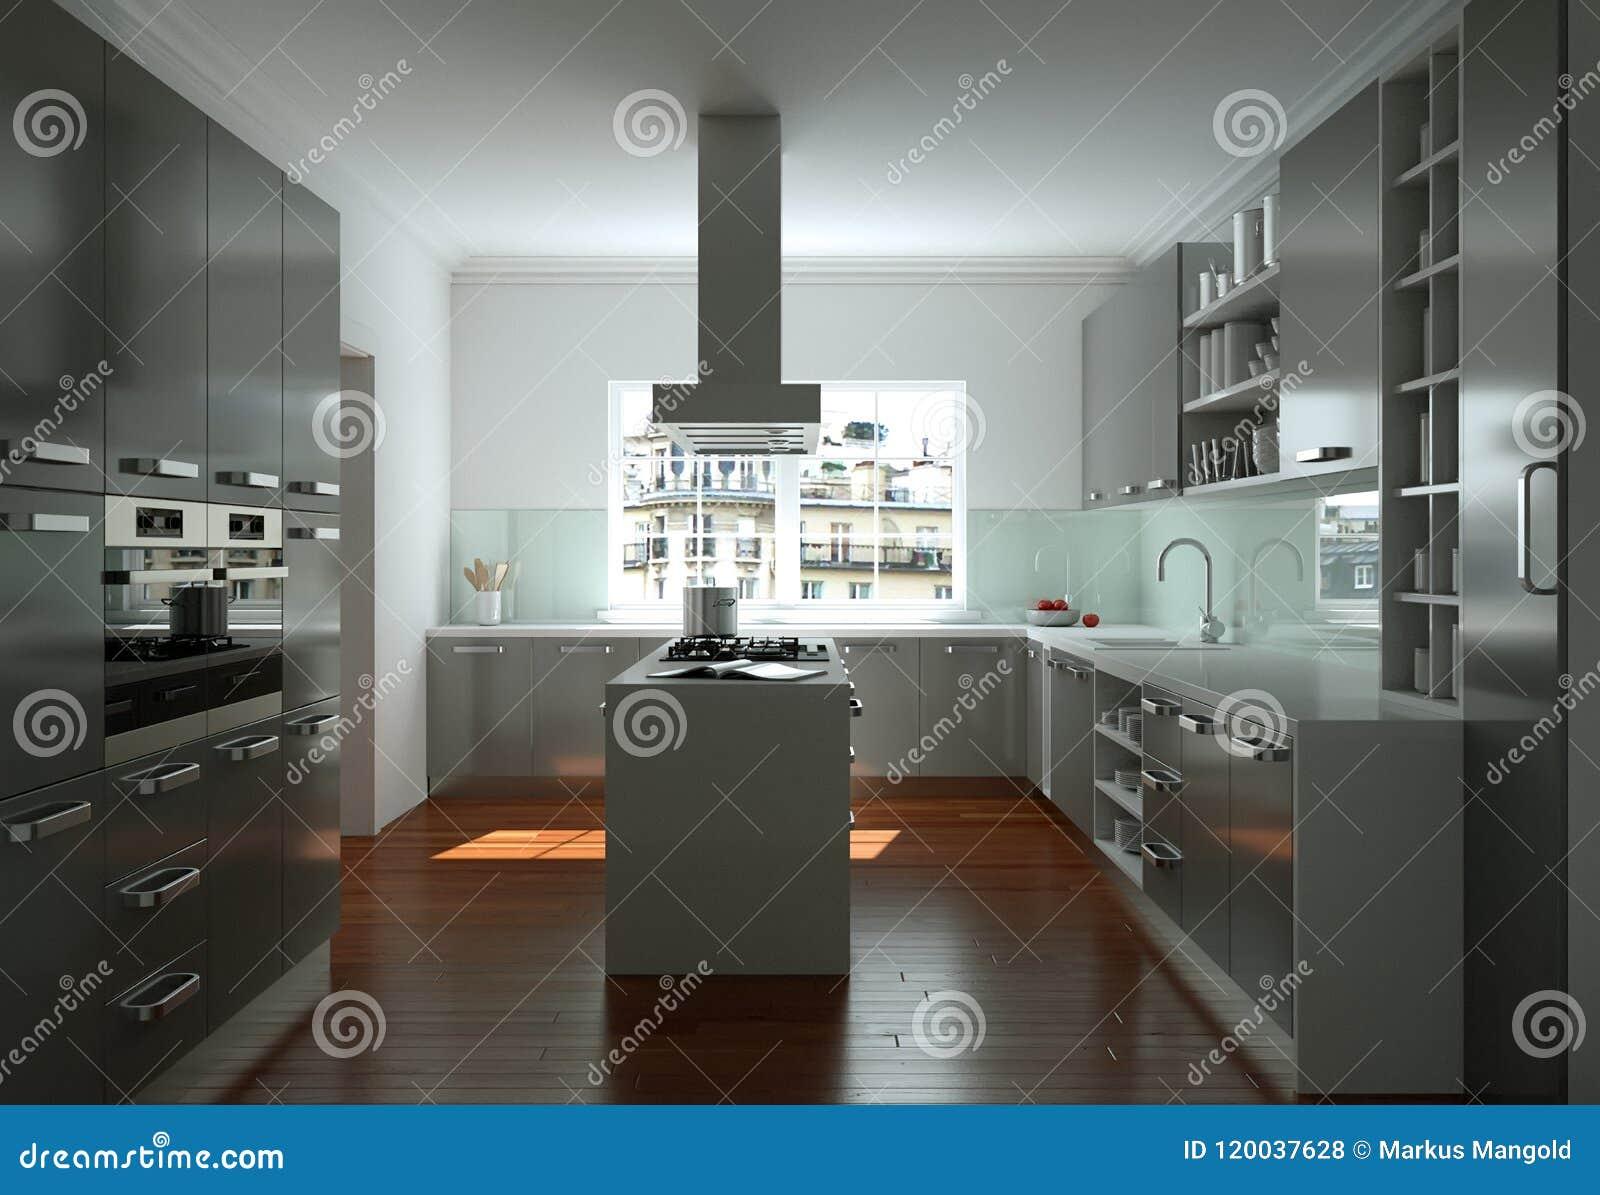 Cuisine Moderne Blanche Dans Une Maison Avec Une Belle Conception ...